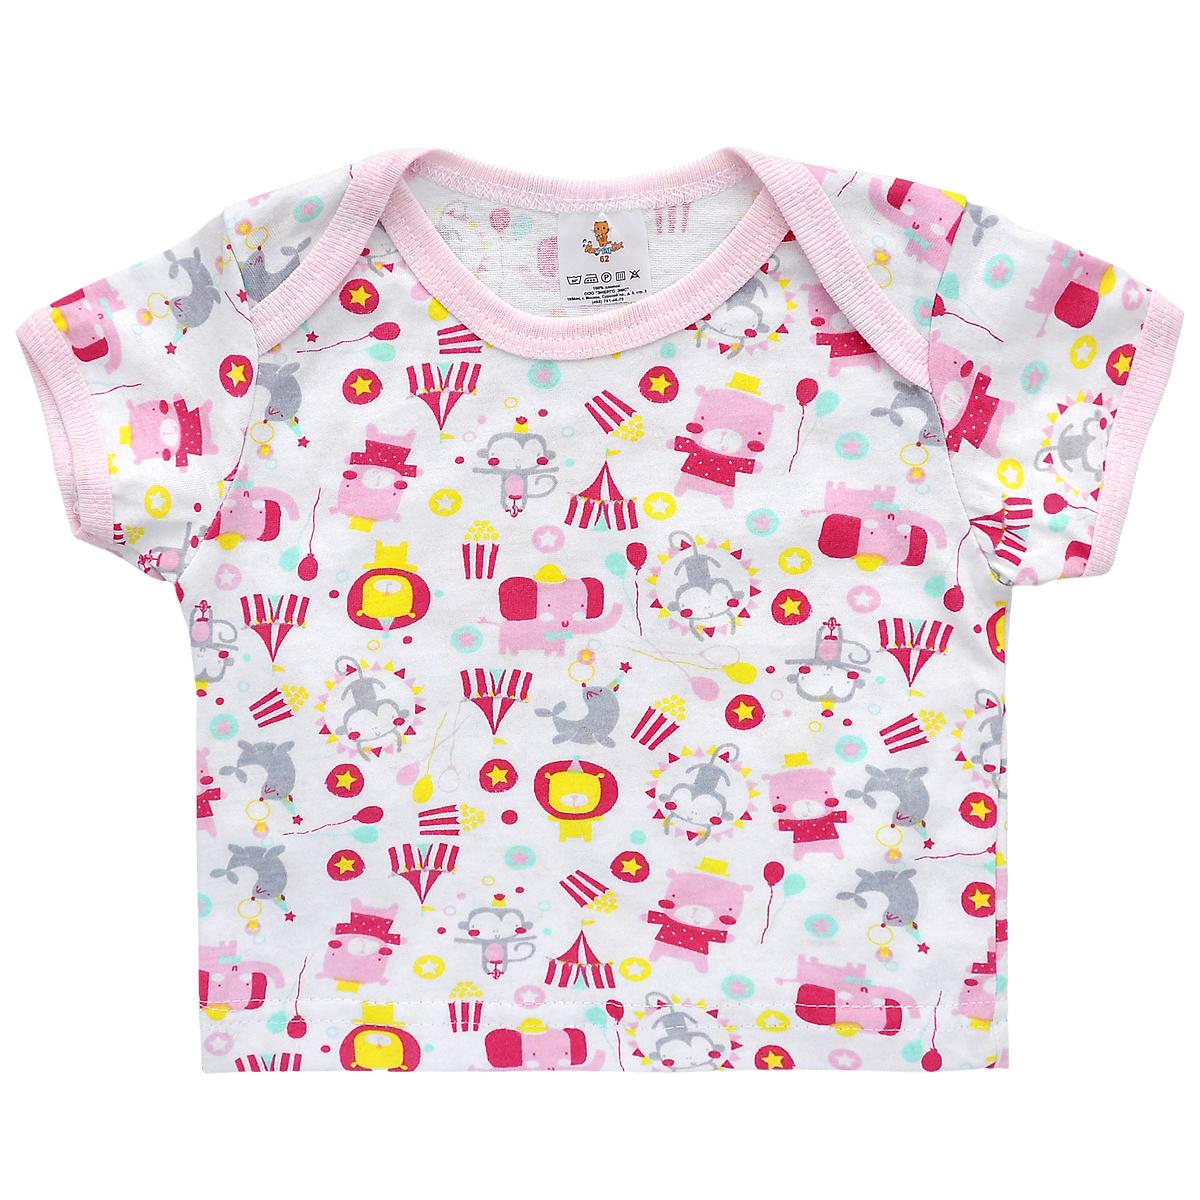 Футболка для девочки. 77327732Детская футболка КотМарКот для девочки послужит идеальным дополнением к гардеробу вашей малышки, обеспечивая ей наибольший комфорт. Изготовленная из натурального хлопка - кулирки, она необычайно мягкая и легкая, не раздражает нежную кожу ребенка и хорошо вентилируется, а эластичные швы приятны телу младенца и не препятствуют его движениям. Футболка с короткими рукавами и круглым врезом горловины имеет специальные запахи на плечах, которые позволяют без труда переодеть ребенка. Изделие оформлено оригинальным набивным принтом с изображением цирковых животных. Футболка полностью соответствует особенностям жизни малышки в ранний период, не стесняя и не ограничивая ее в движениях.